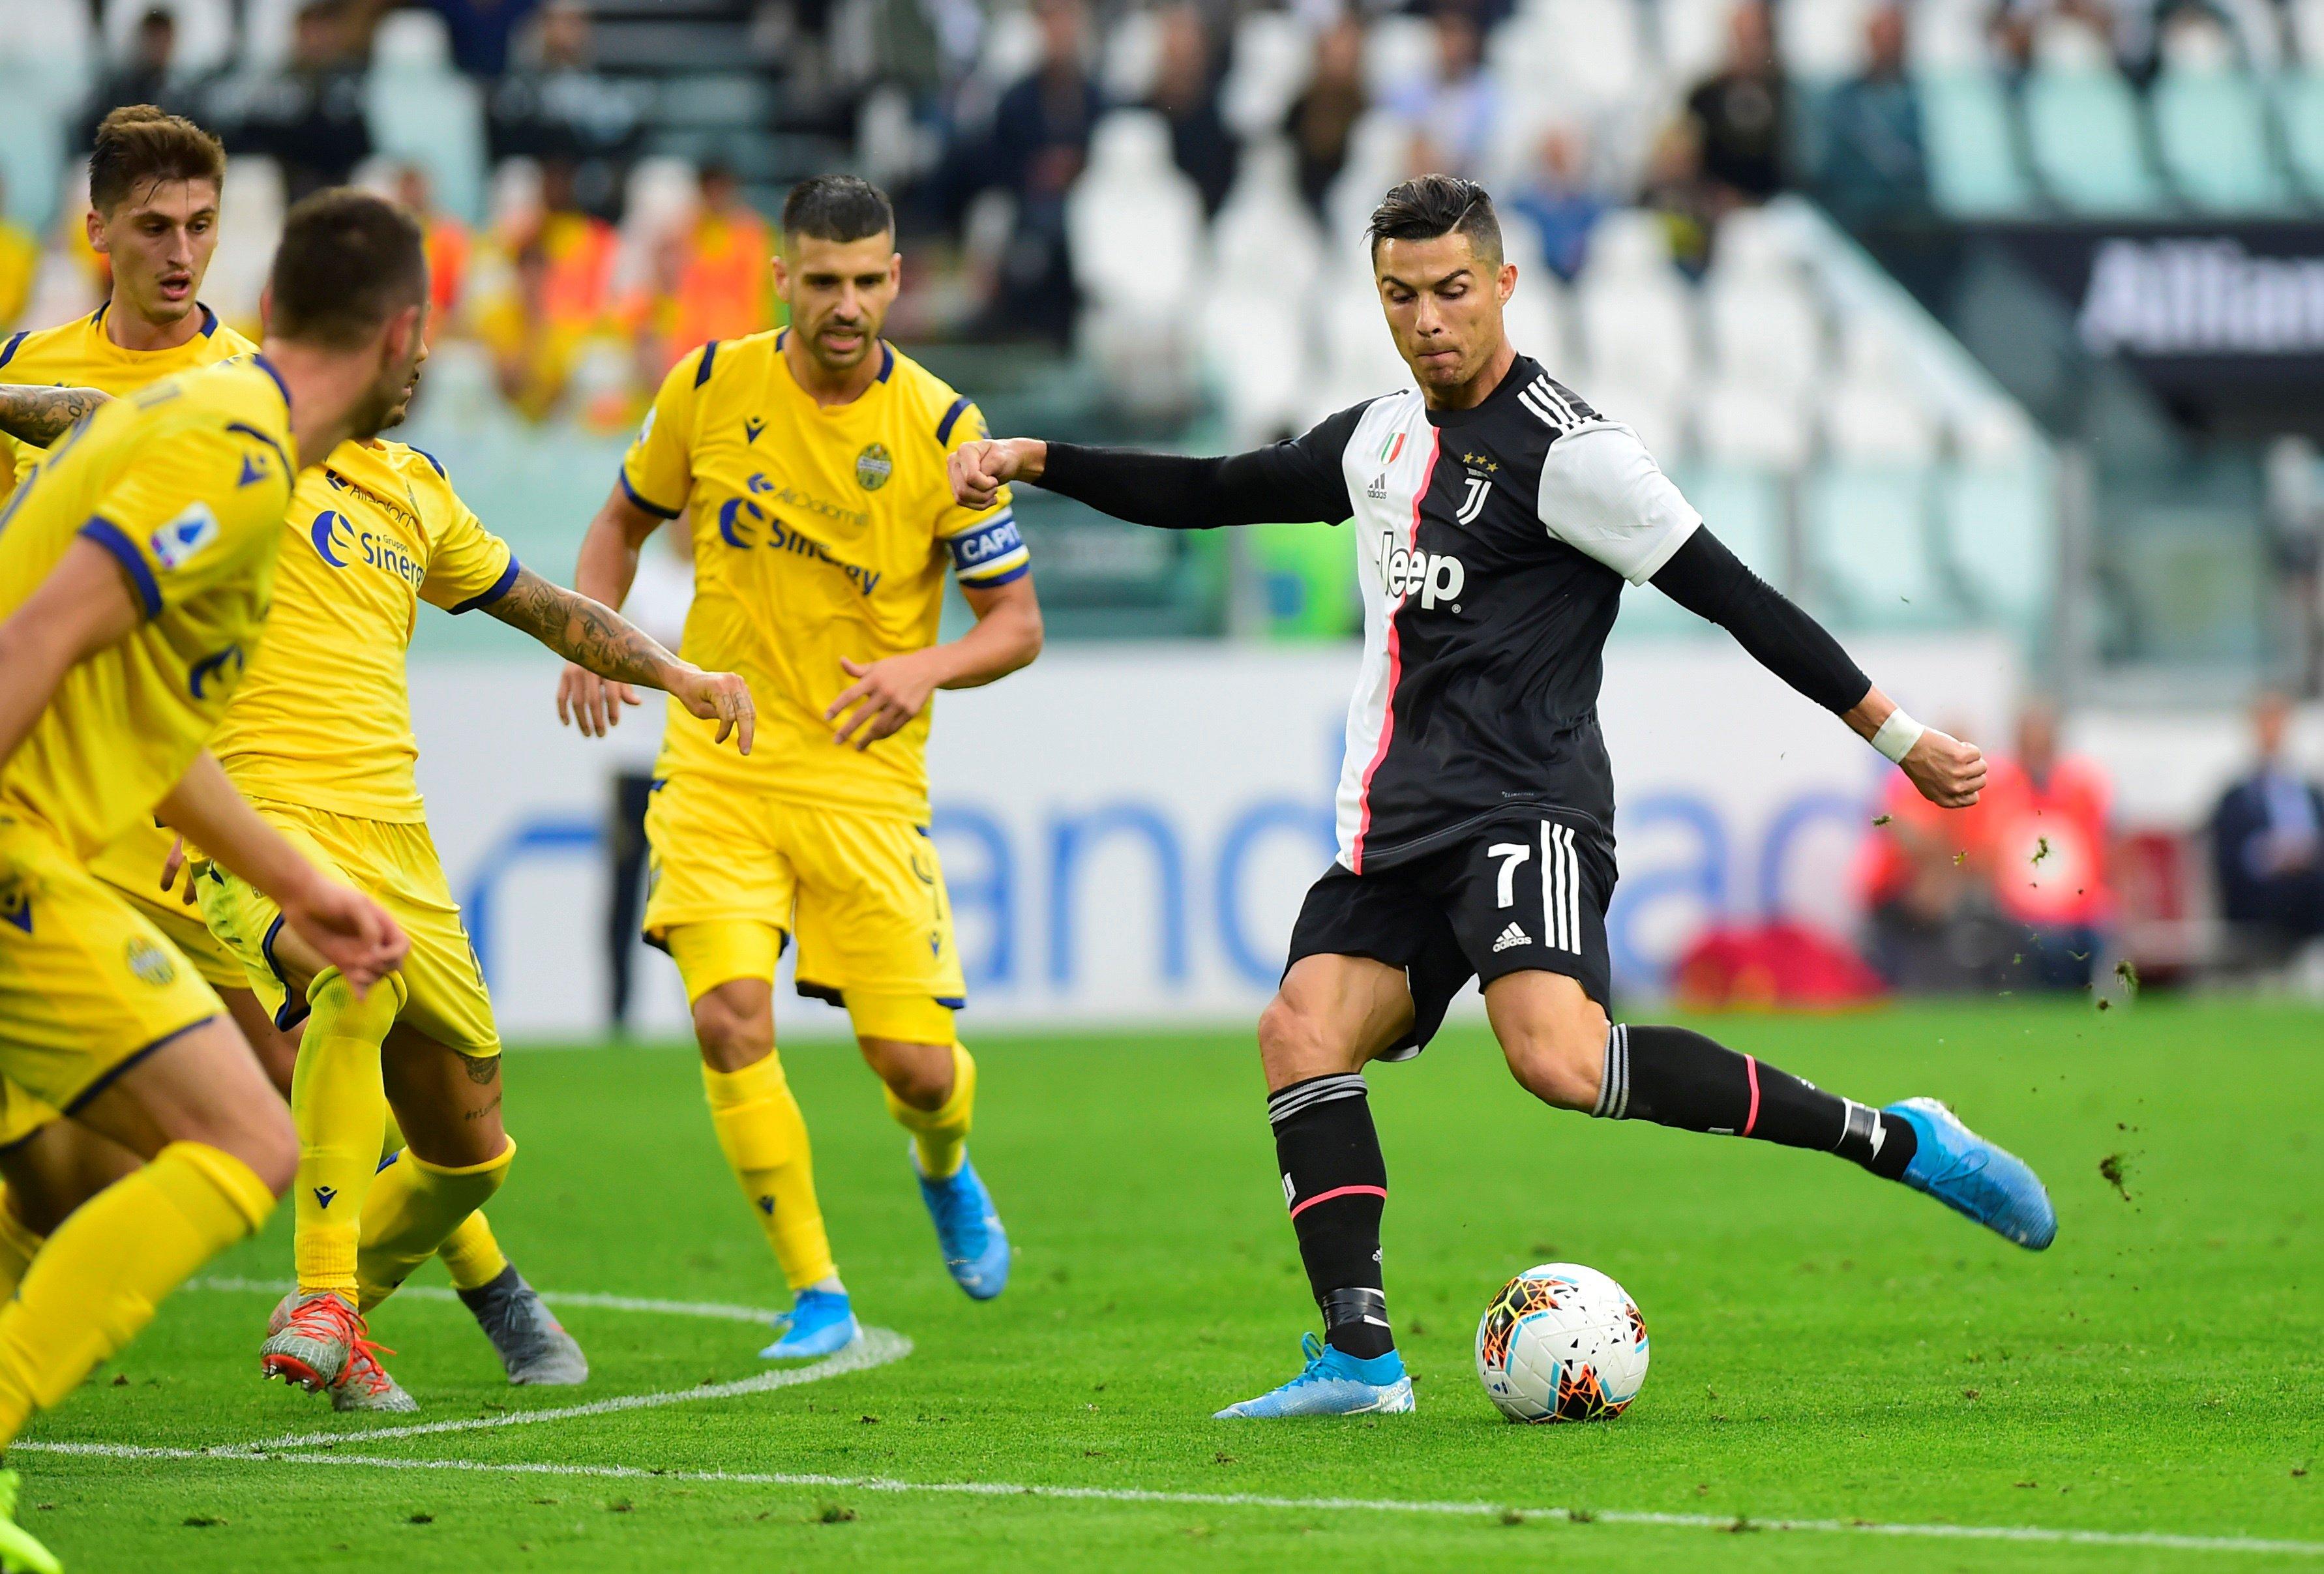 رونالدو ينقذ يوفنتوس ويقوده للفوز على هيلاس فيرونا في الدوري الايطالي